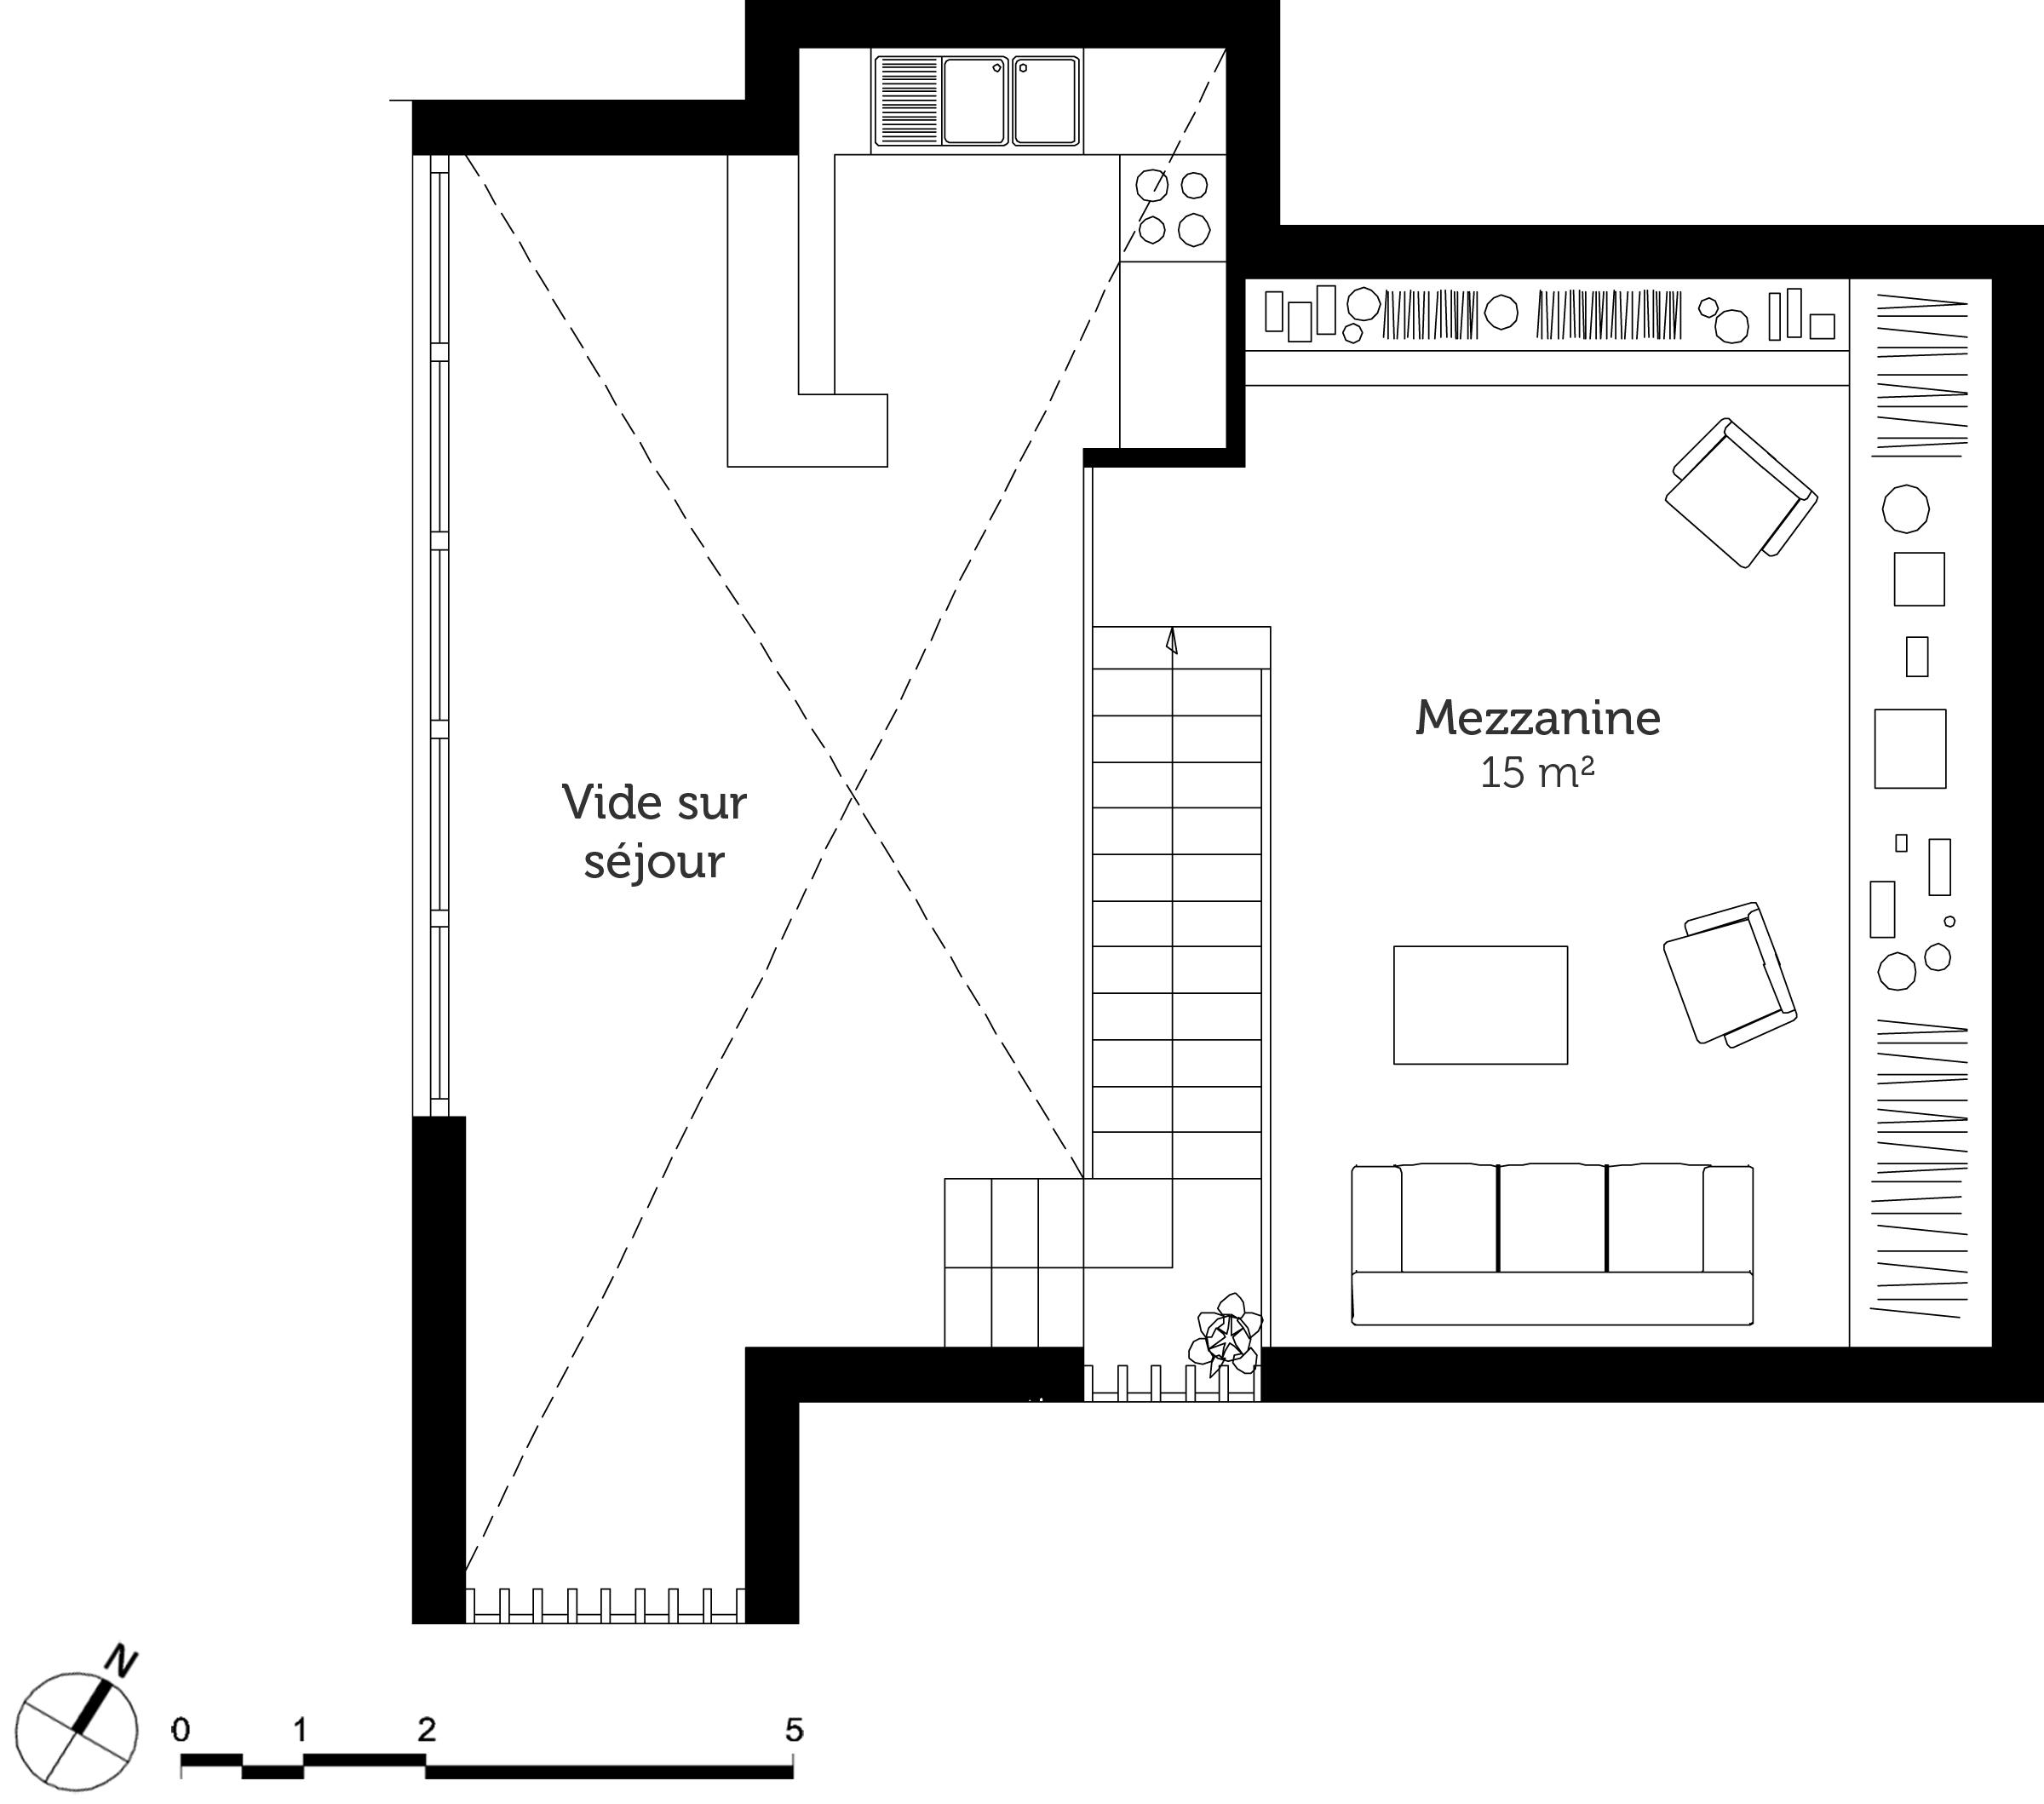 Plan d une maison avec mezzanine maison moderne for Plan maison avec mezzanine